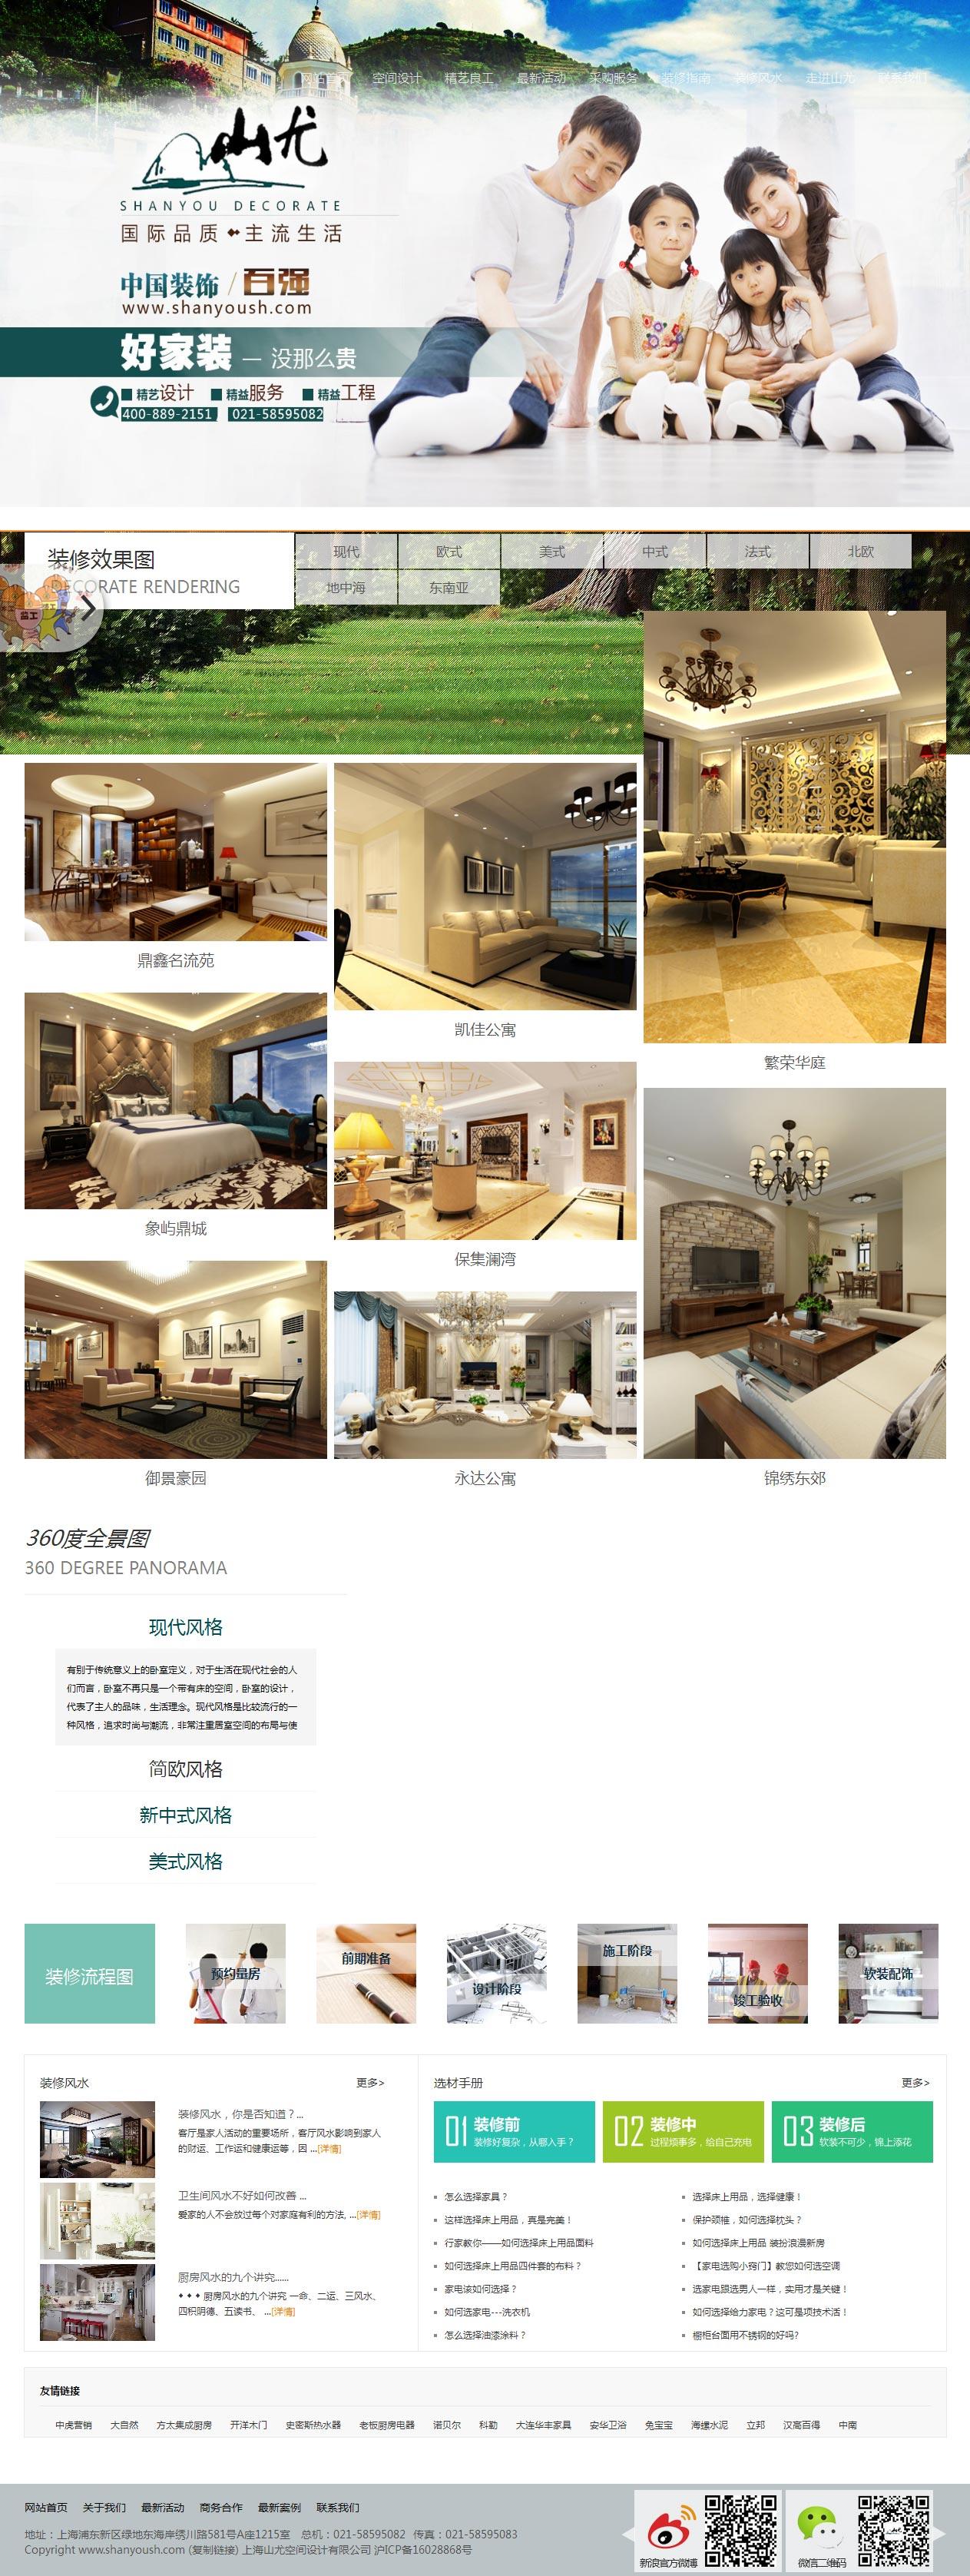 """上海山尤空间设计有限公司,公司具有设计施工一体化乙级资质,主要从事公寓、别墅、办公楼、酒店等的设计与施工,己通过ISO900质量管理体系认证,将为上海室内装饰行业协会团体会员单位。公司全体组织过2010年由""""新高度培训机构""""主讲的执行力培训。公司现拥有10多名资深室内设计师,施工管理与产品管理人员;由6名项目经理…"""